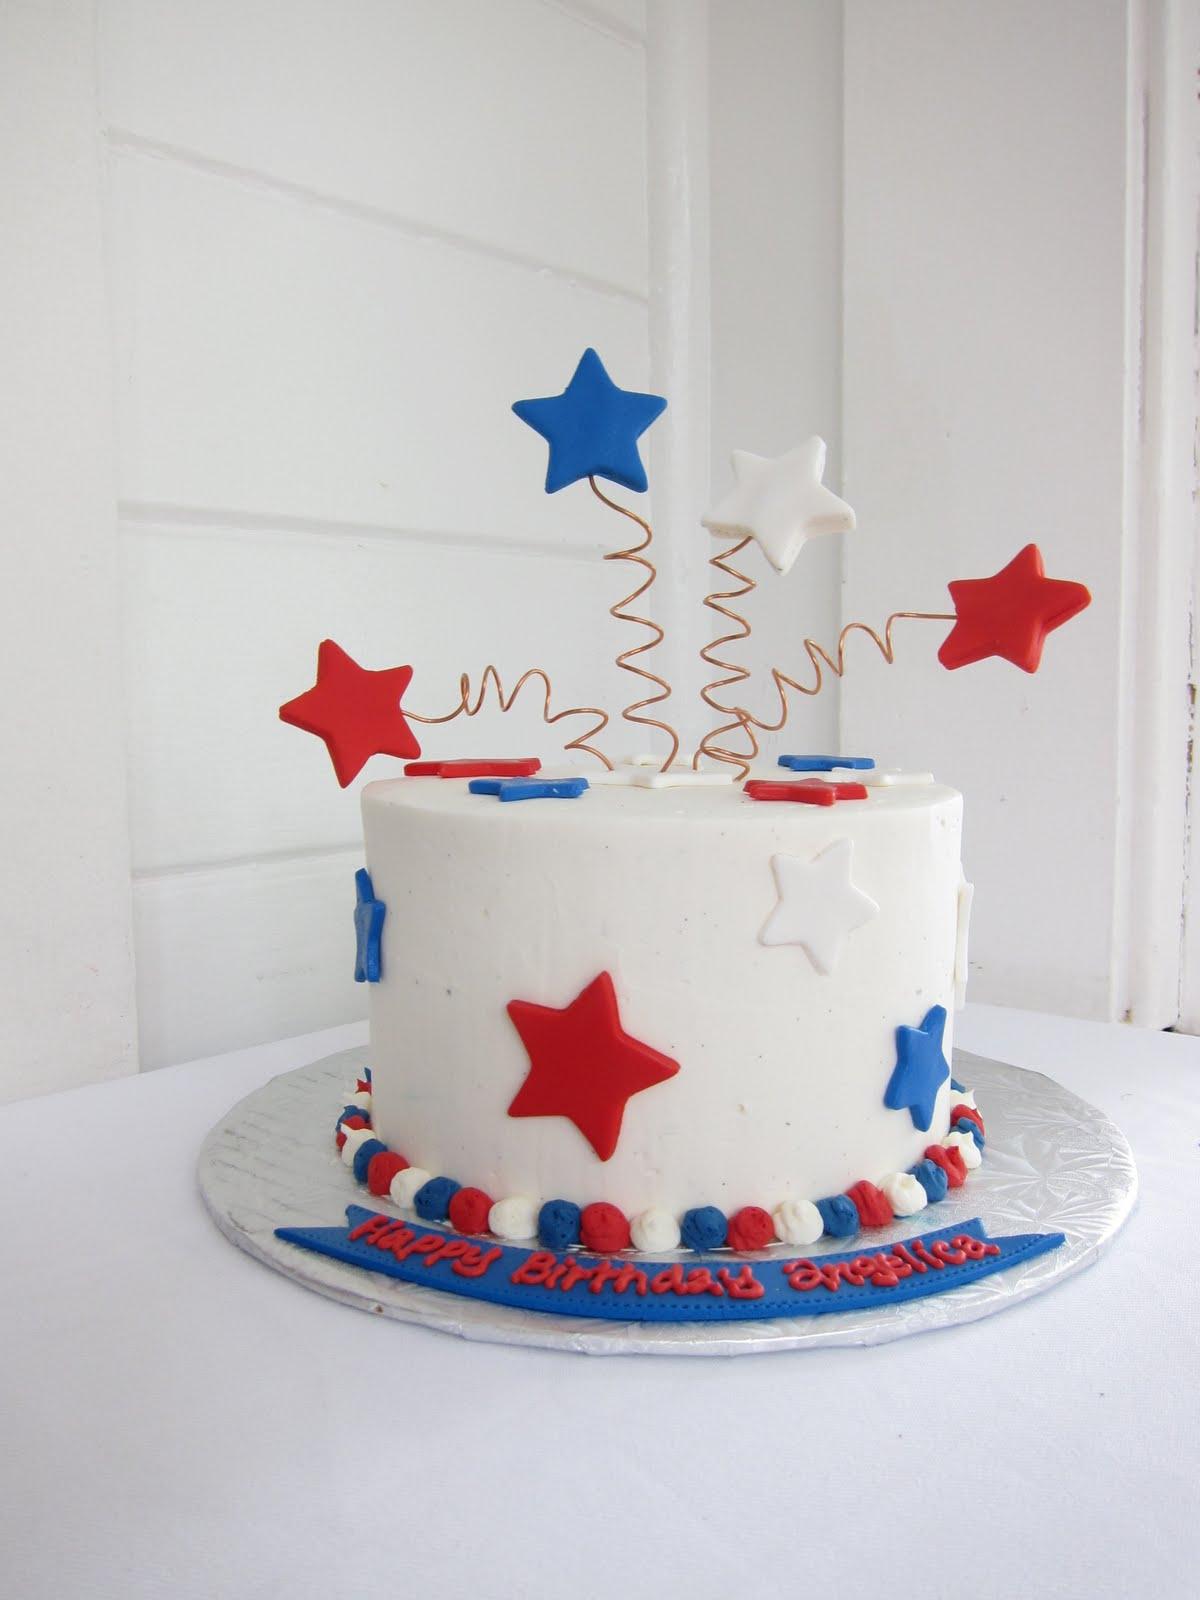 Polkadots Cupcake Factory July 2010